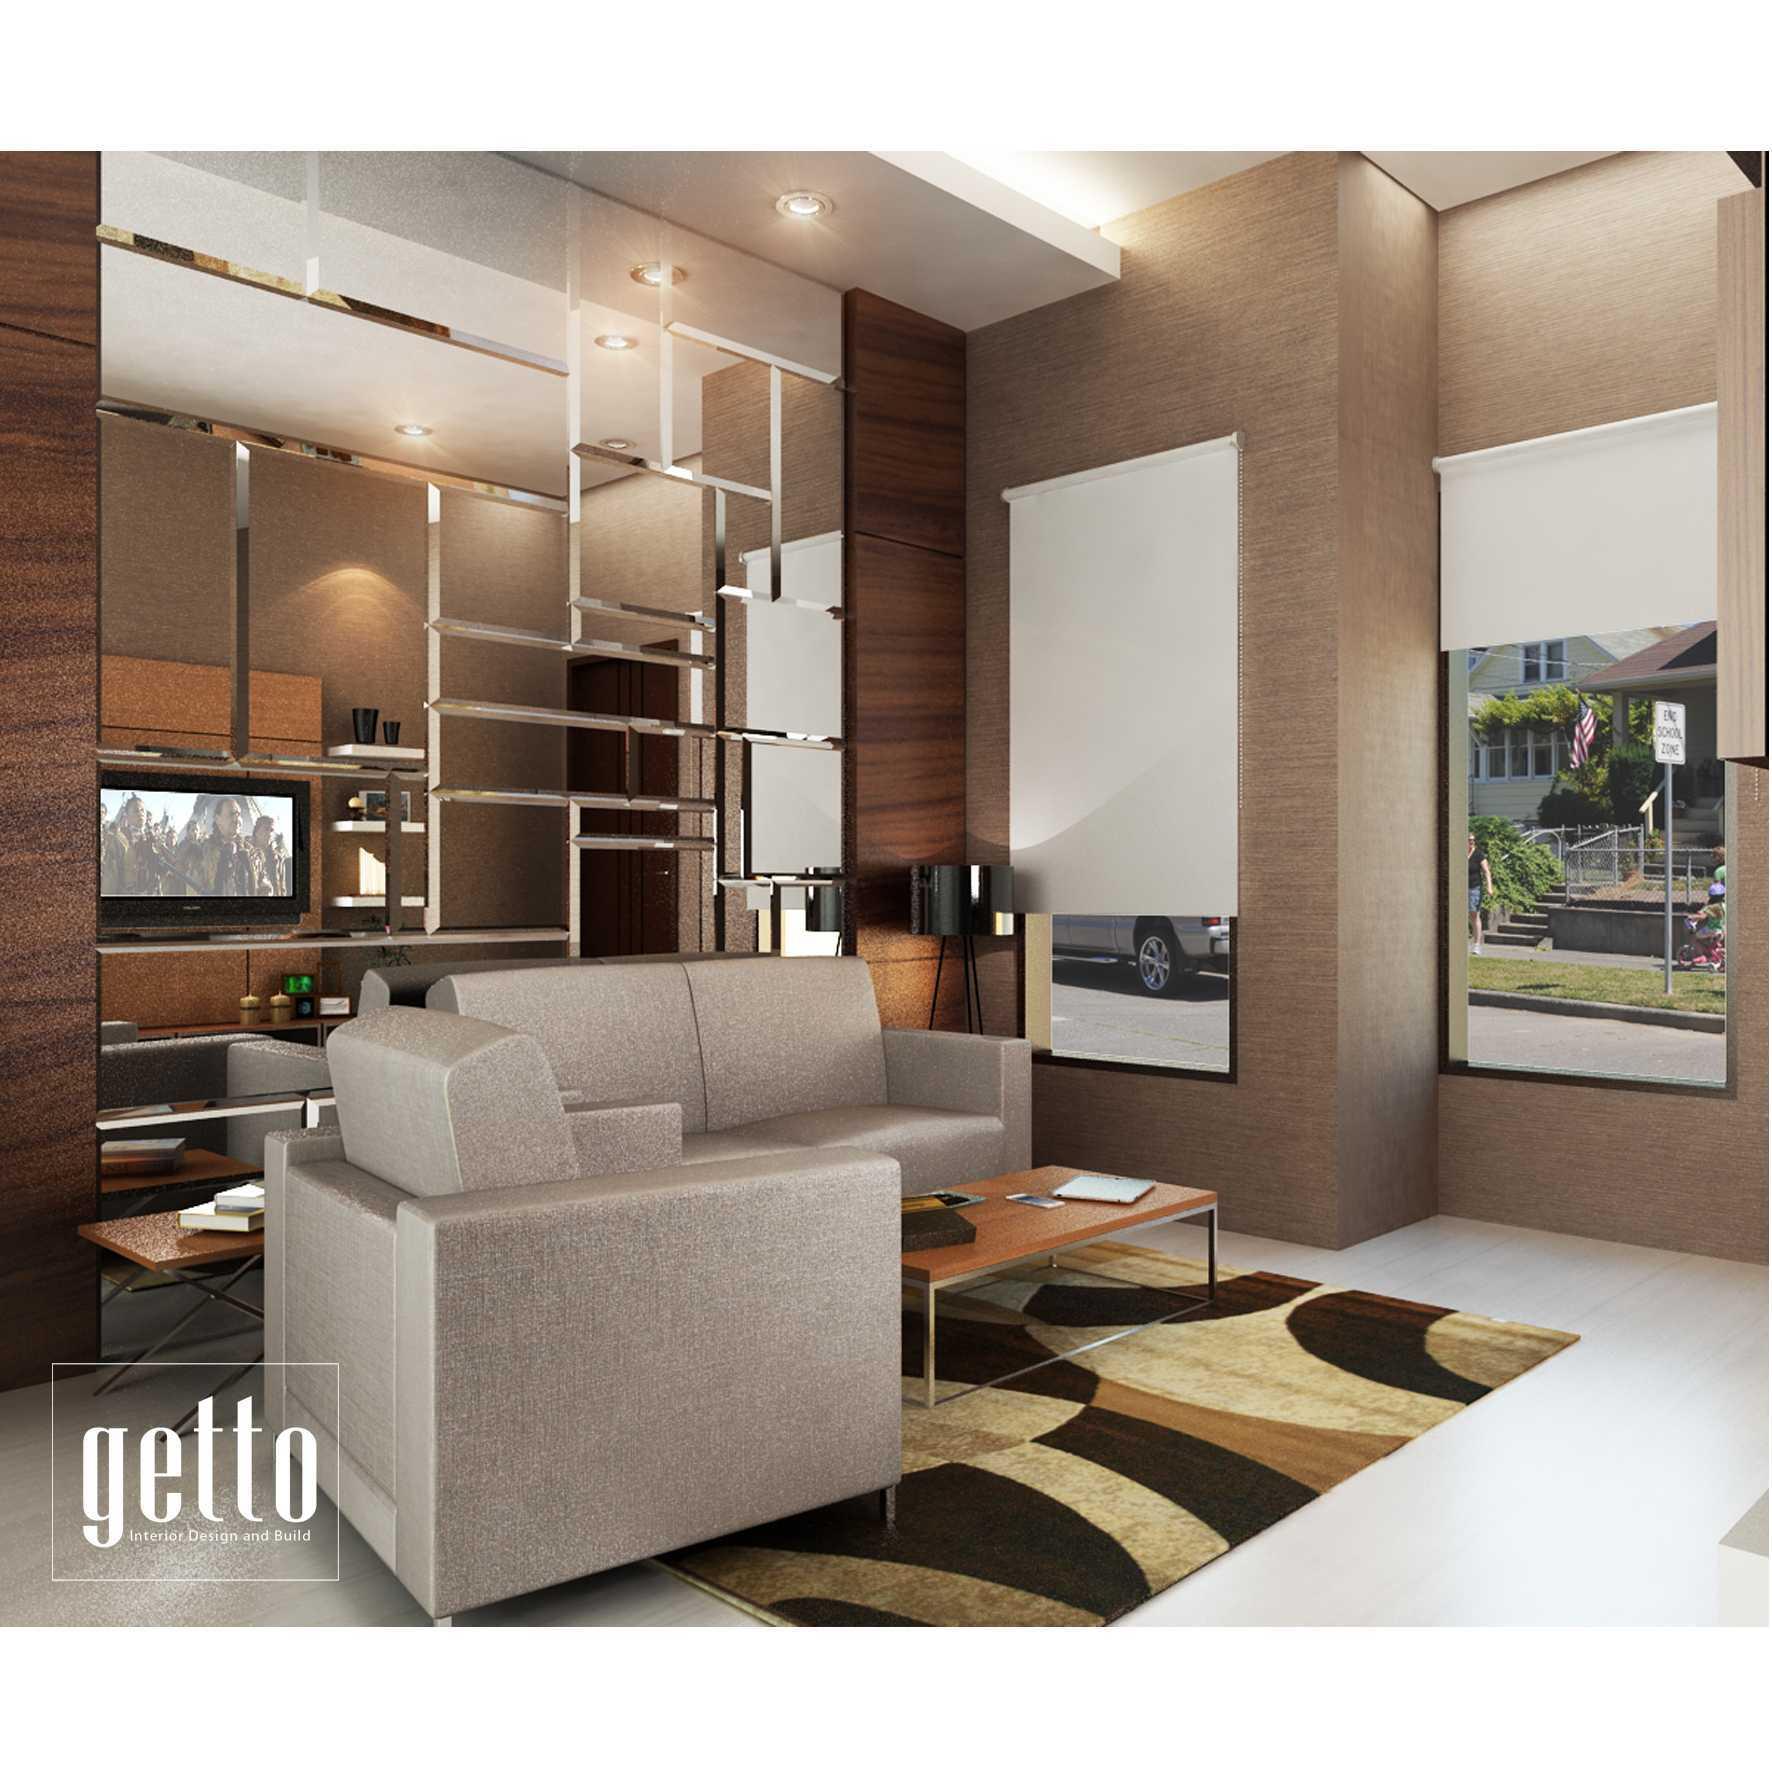 Getto Id Residence In Kota Metro Bandar Lampung Bandar Lampung Livingroom Modern  14129